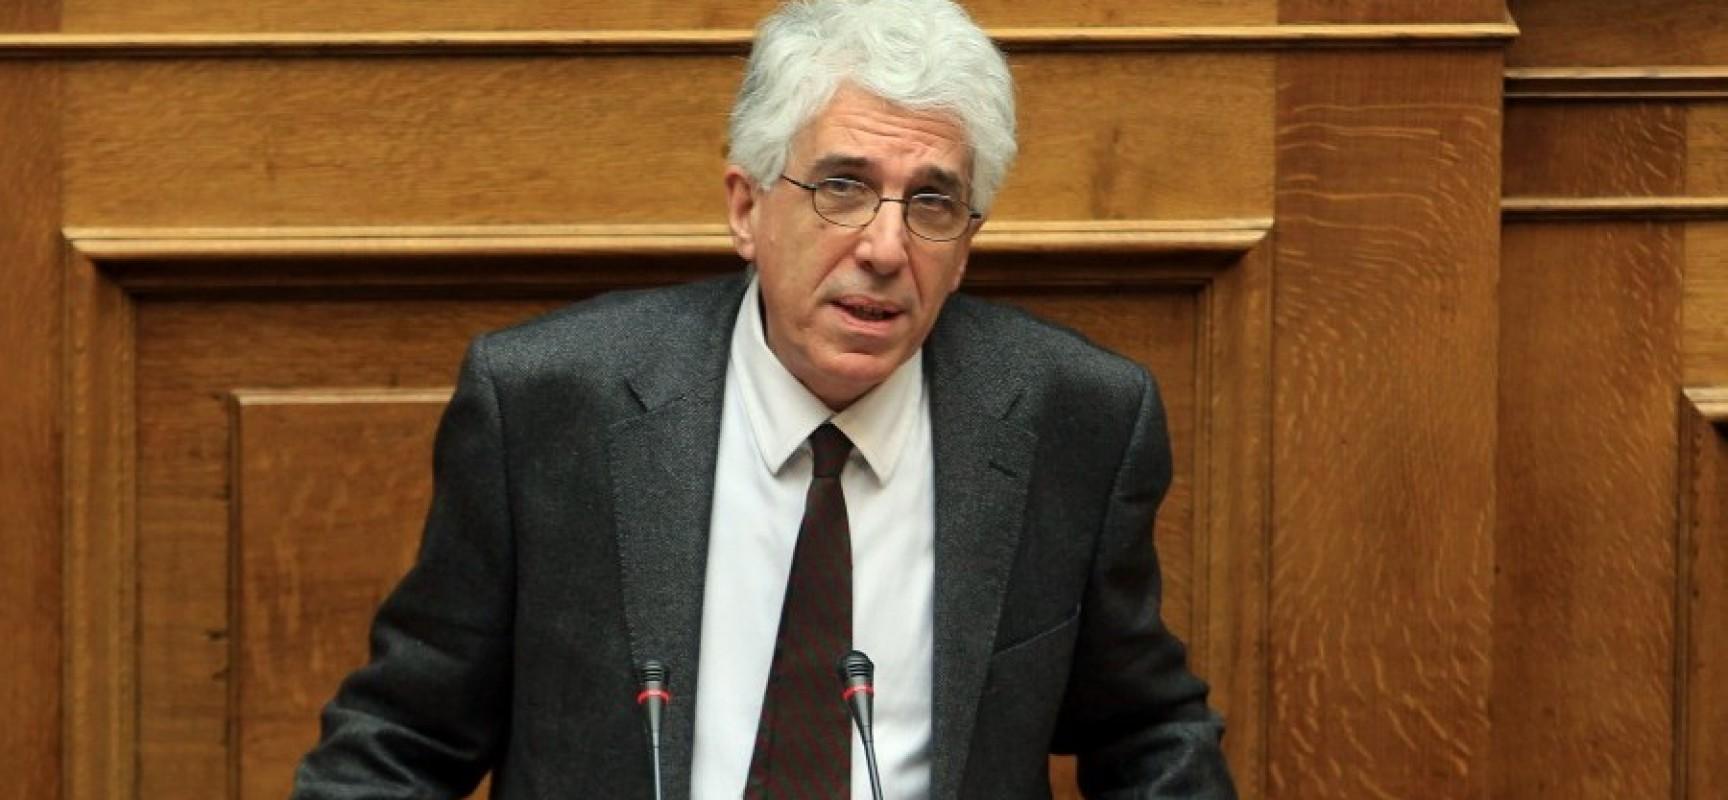 Παρασκευόπουλος: Διαστρεβλώθηκαν οι δηλώσεις μου για κατάργηση του νόμου μου